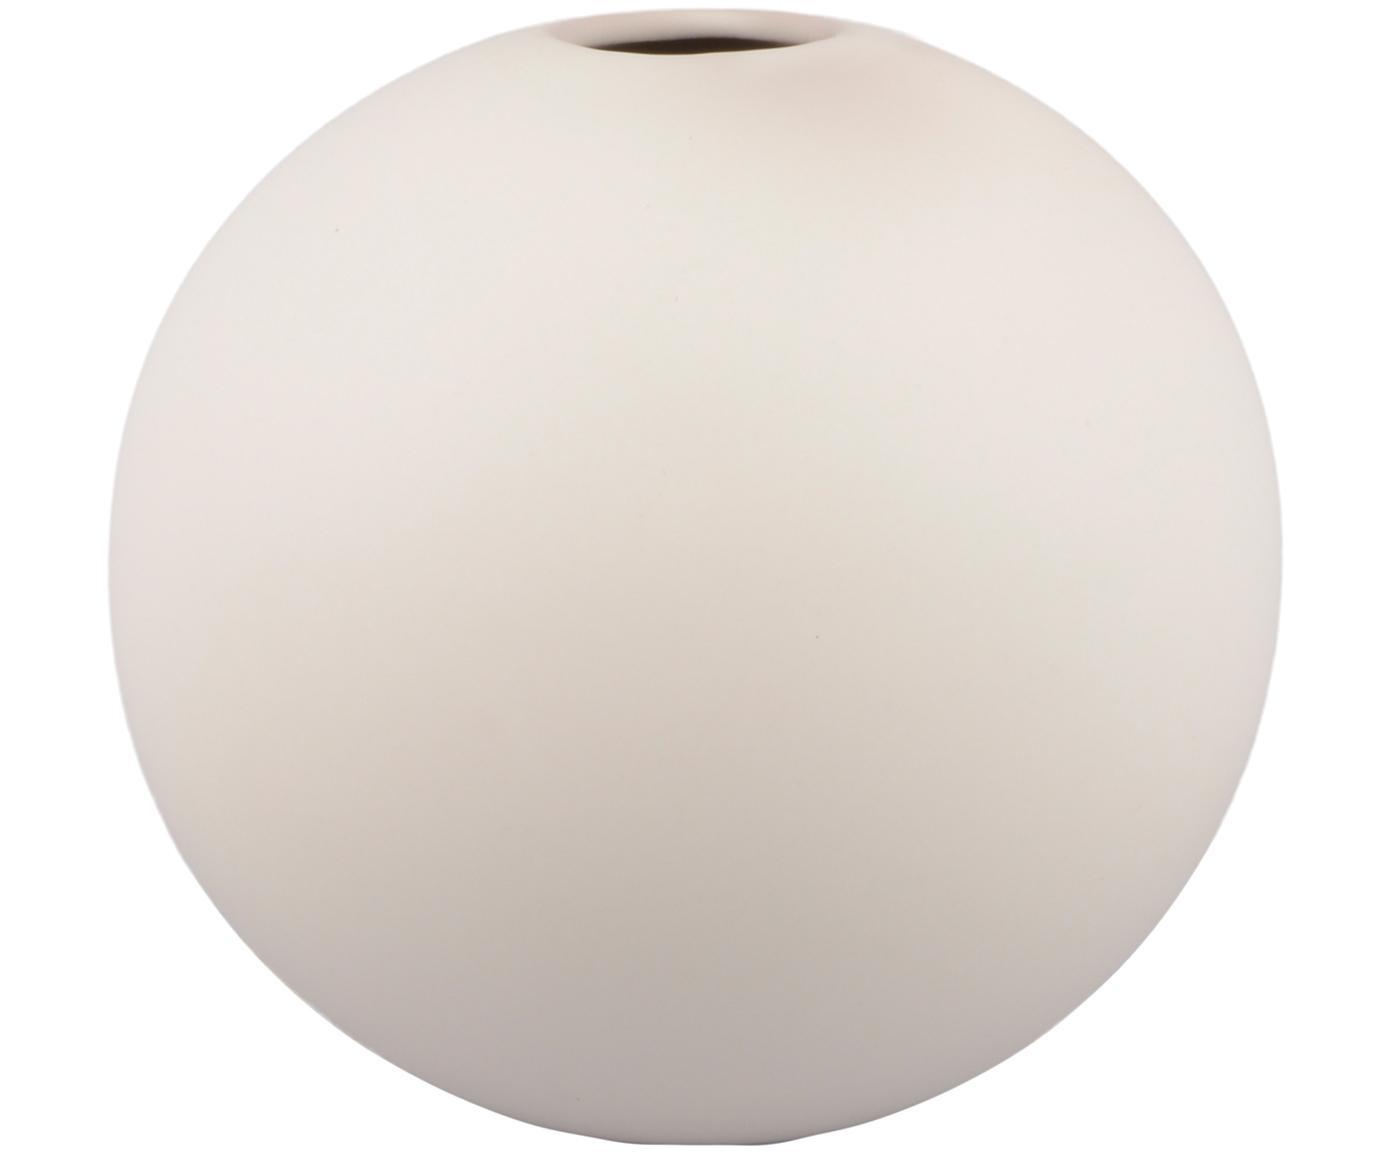 Wazon z ceramiki Rita, Ceramika, Biały, Ø 12 x W 12 cm